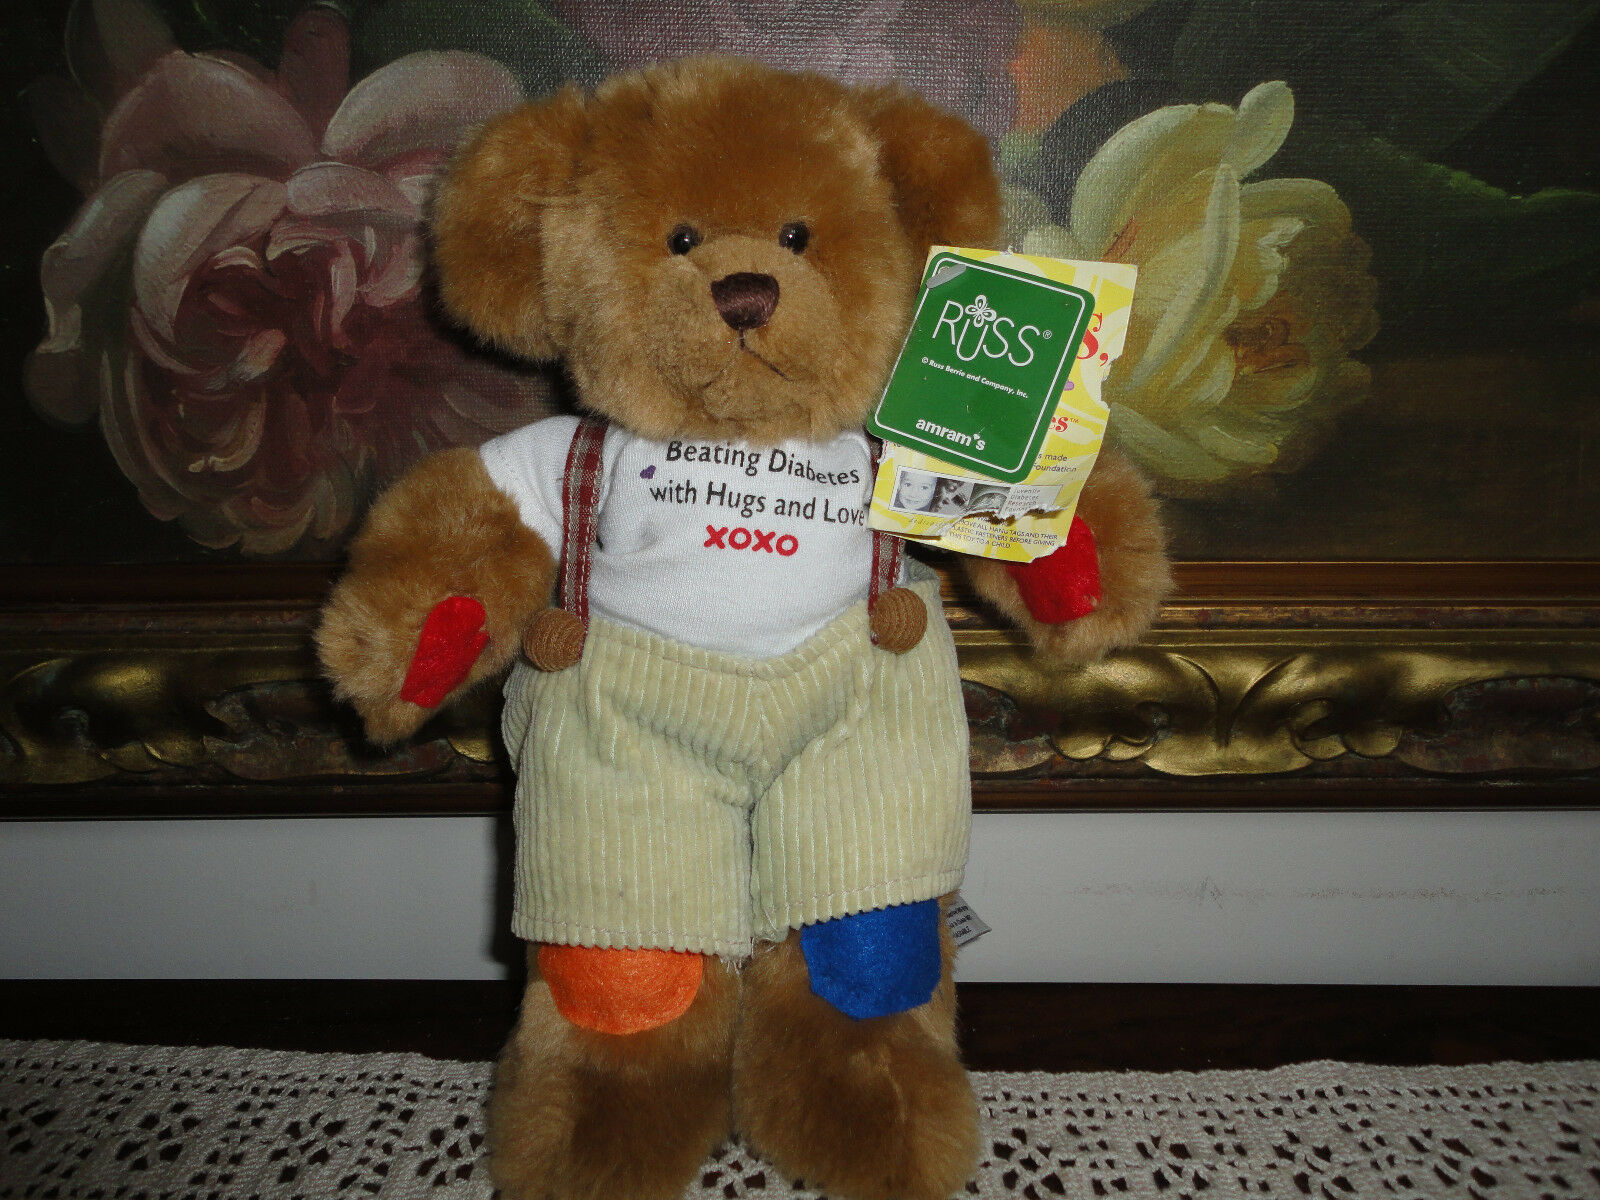 Russ Berrie Rufus Bear Juvenile Diabetes 24026 Carol Cramer